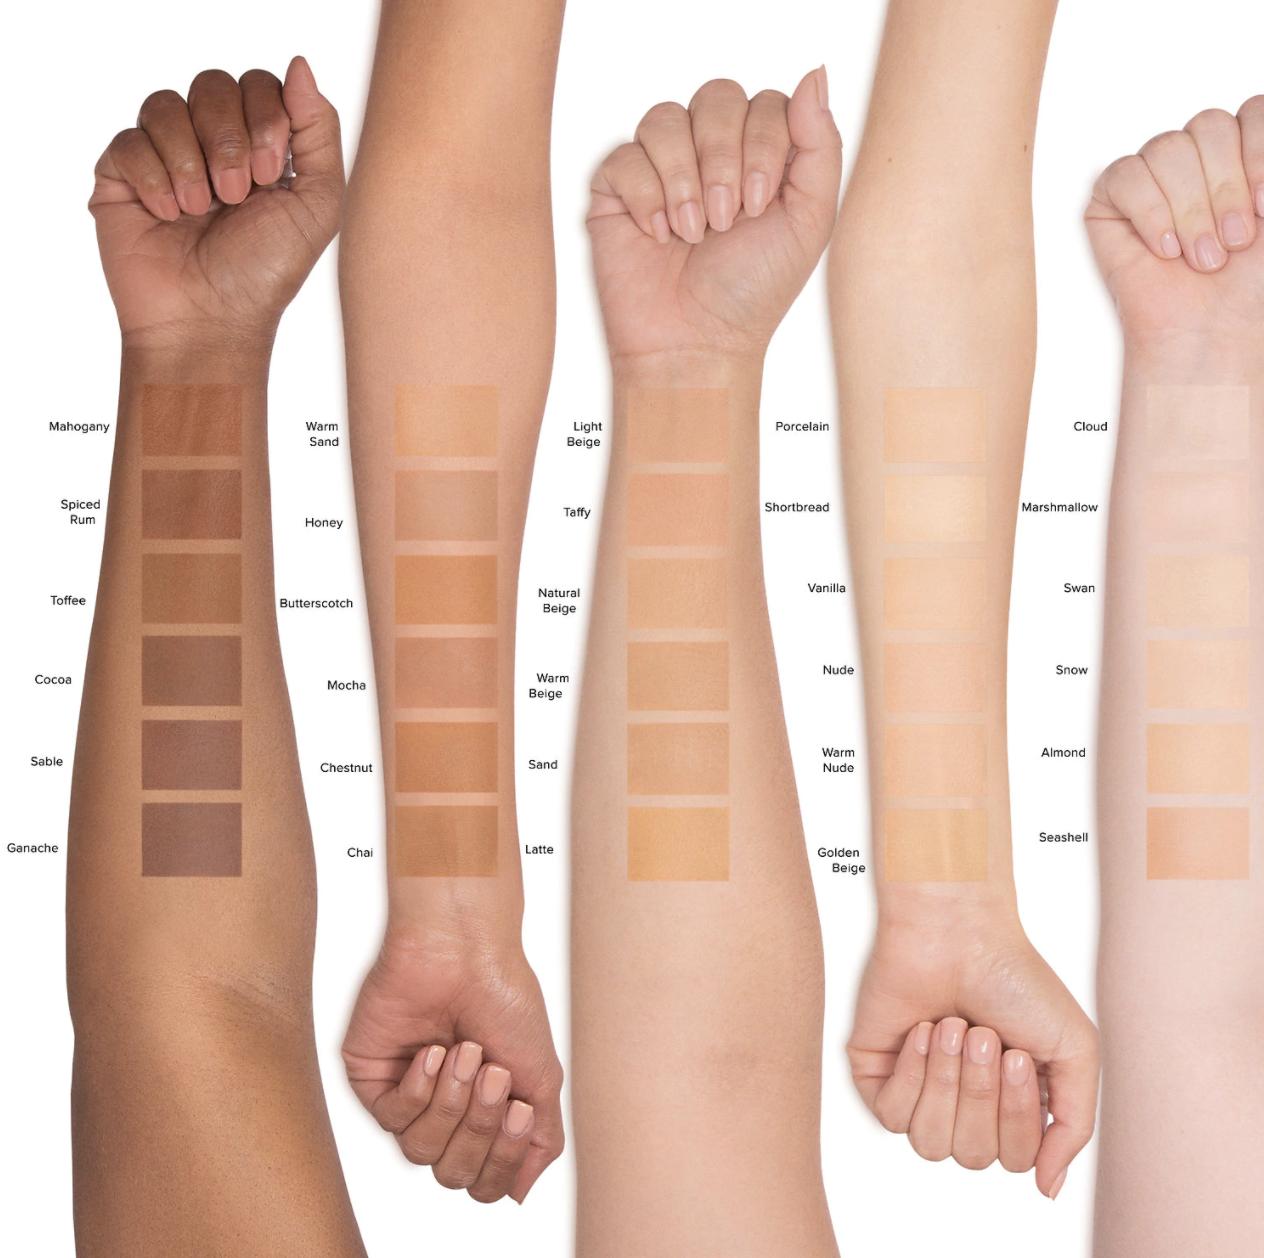 Light, medium, and deep foundation swatches across light, medium, and deep skin tones